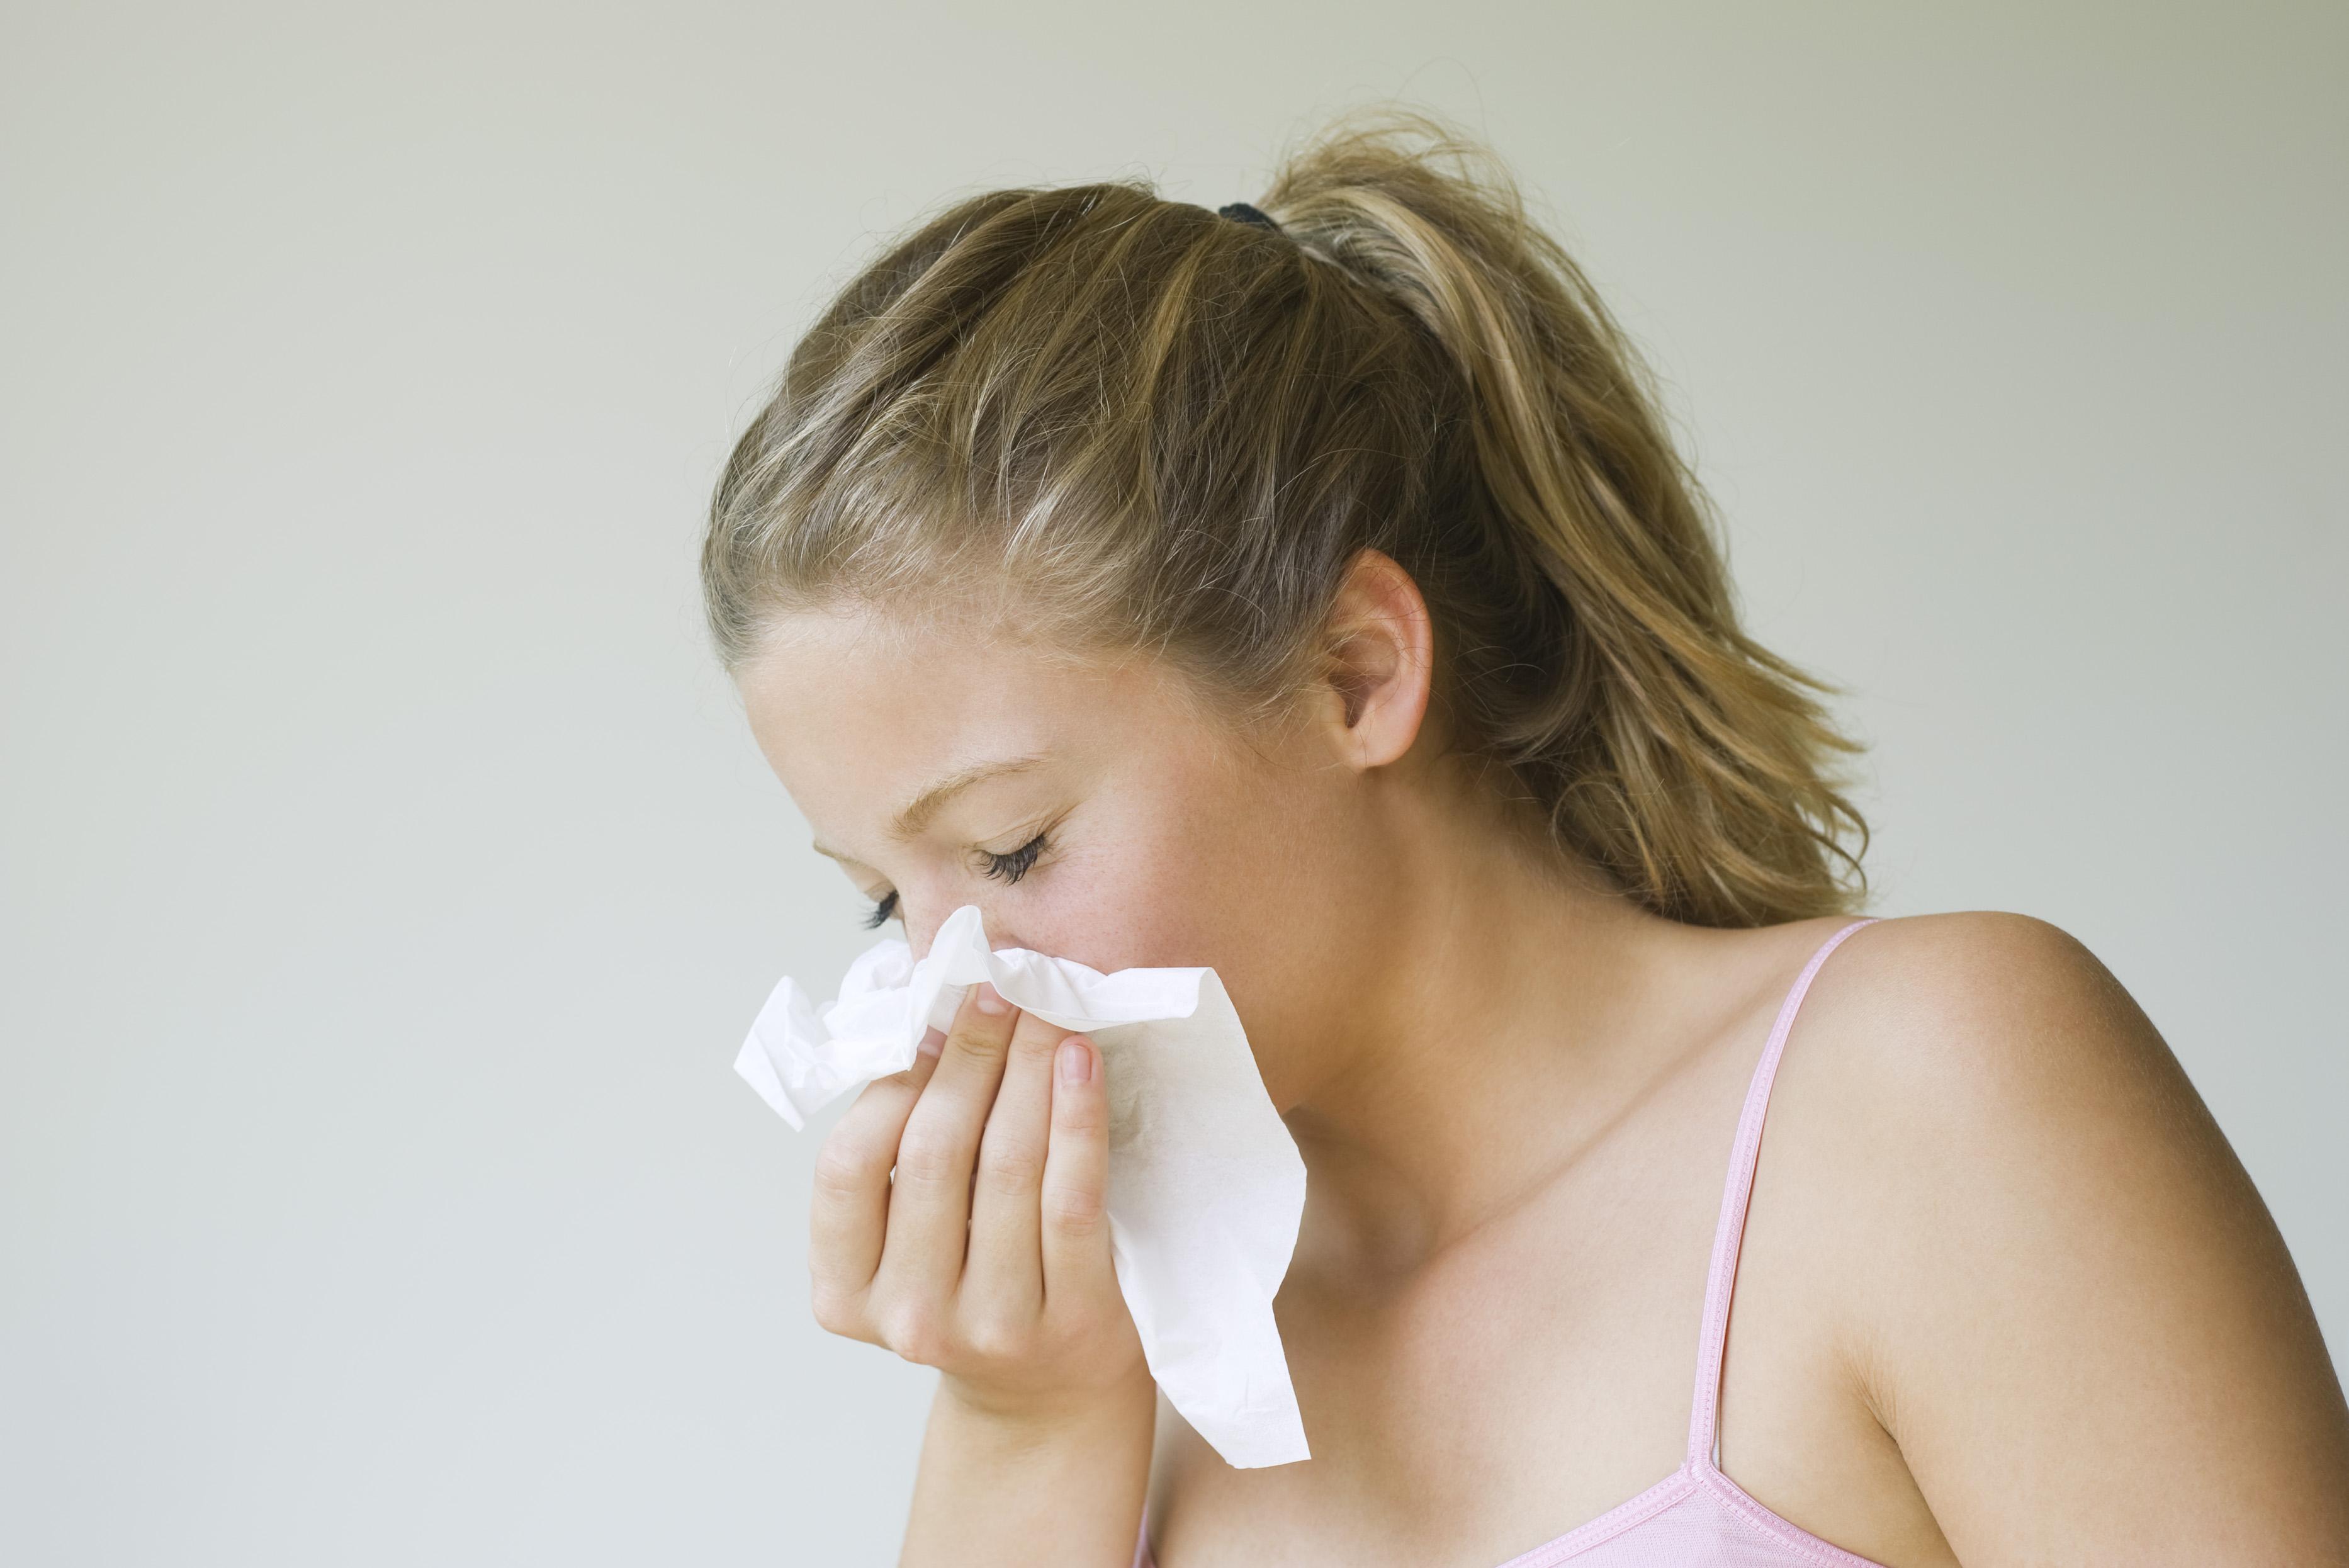 Billig allergimedicin er lgie så godt som det dyre. Spar på allergipiller